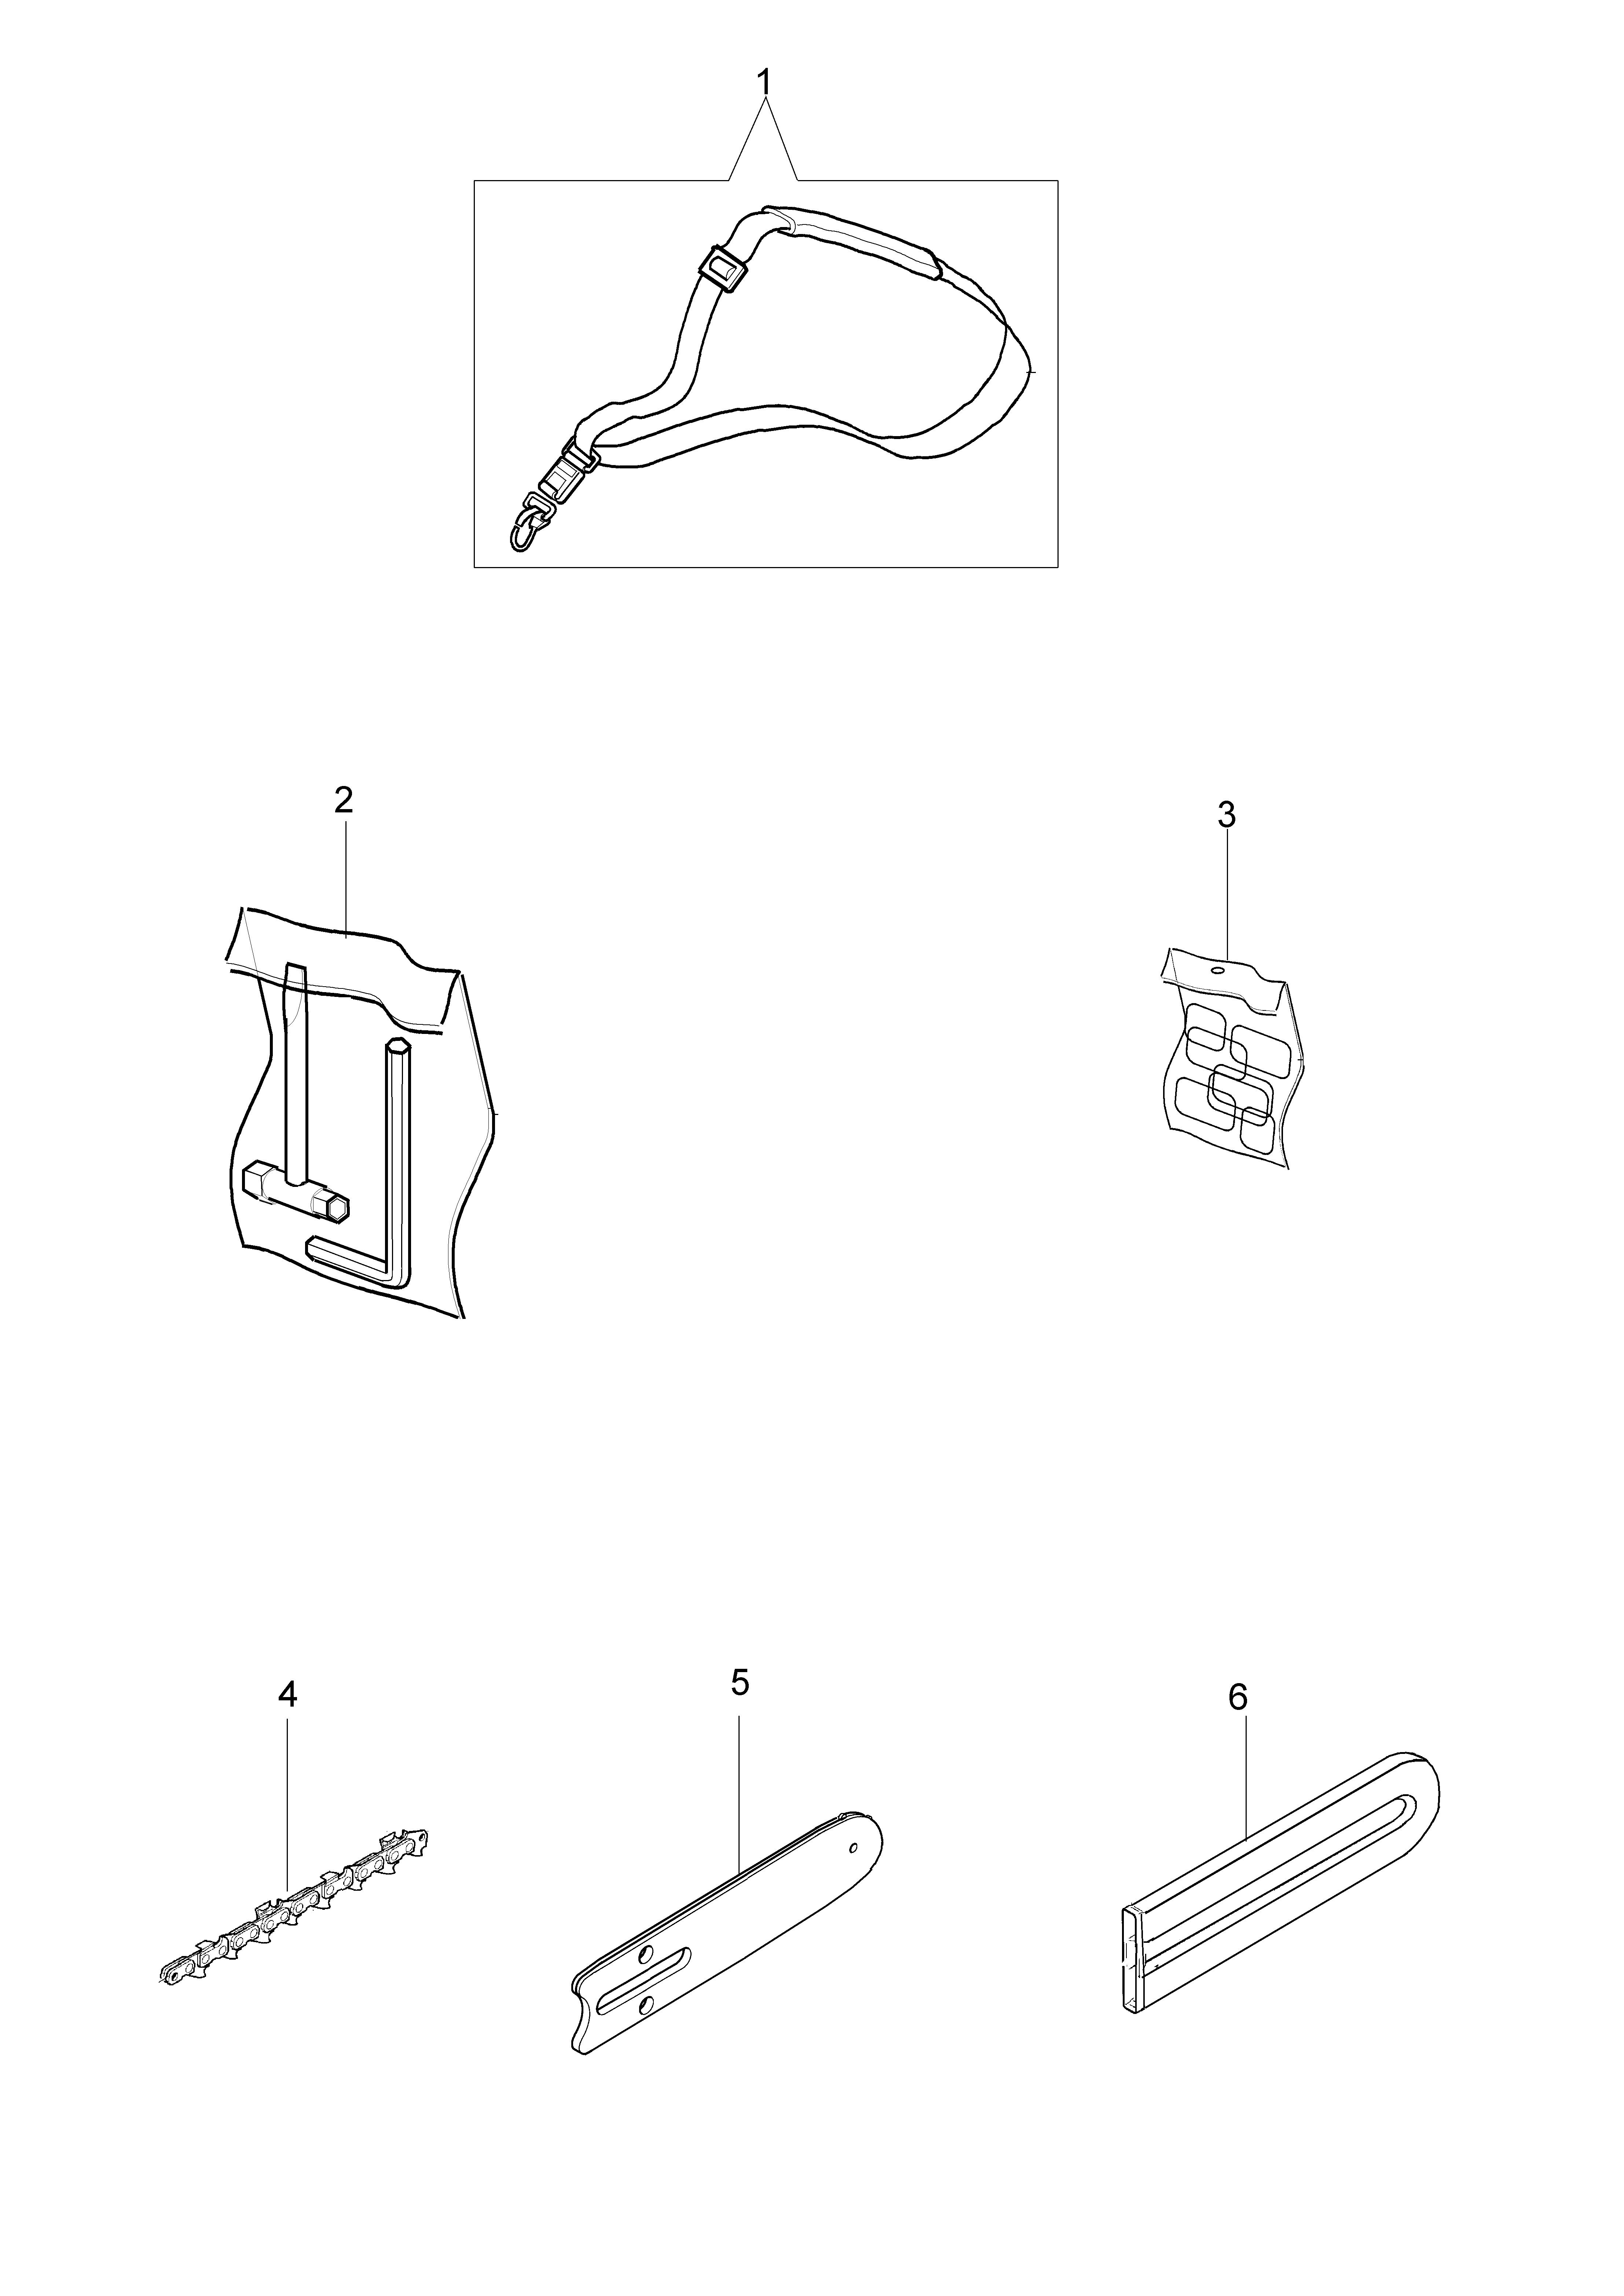 PPX 270 Elagueuses sur perche oleomac Dessins pièces vue éclatée Accessoires